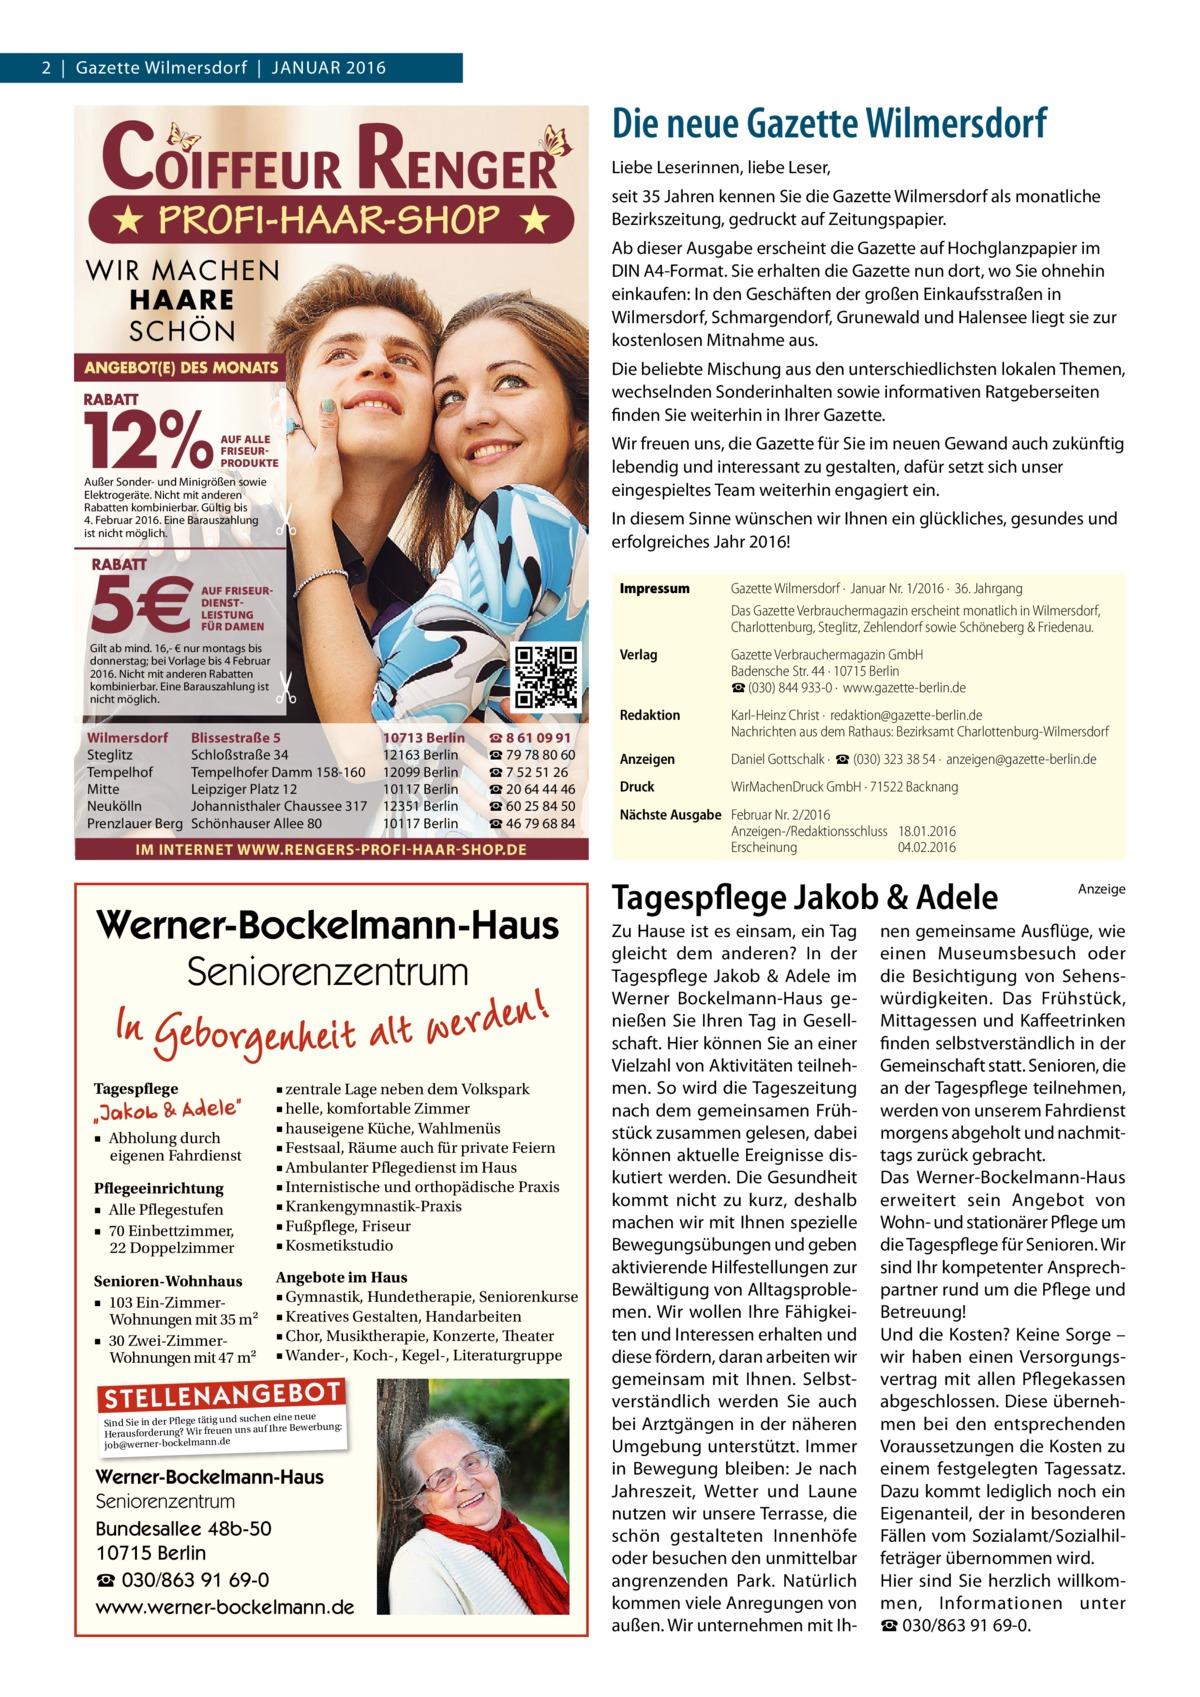 2|Gazette Wilmersdorf|Januar 2016  Die neue Gazette Wilmersdorf Liebe Leserinnen, liebe Leser, seit 35 Jahren kennen Sie die Gazette Wilmersdorf als monatliche Bezirkszeitung, gedruckt auf Zeitungspapier. Ab dieser Ausgabe erscheint die Gazette auf Hochglanzpapier im DINA4-Format. Sie erhalten die Gazette nun dort, wo Sie ohnehin einkaufen: In den Geschäften der großen Einkaufsstraßen in Wilmersdorf, Schmargendorf, Grunewald und Halensee liegt sie zur kostenlosen Mitnahme aus. Die beliebte Mischung aus den unterschiedlichsten lokalen Themen, wechselnden Sonderinhalten sowie informativen Ratgeberseiten finden Sie weiterhin in Ihrer Gazette. AUF ALLE FRISEURPRODUKTE  Außer Sonder- und Minigrößen sowie Elektrogeräte. Nicht mit anderen Rabatten kombinierbar. Gültig bis 4. Februar 2016. Eine Barauszahlung ist nicht möglich.  Wir freuen uns, die Gazette für Sie im neuen Gewand auch zukünftig lebendig und interessant zu gestalten, dafür setzt sich unser eingespieltes Team weiterhin engagiert ein.  �  In diesem Sinne wünschen wir Ihnen ein glückliches, gesundes und erfolgreiches Jahr 2016!  AUF FRISEURDIENSTLEISTUNG FÜR DAMEN  Gilt ab mind. 16,- € nur montags bis donnerstag; bei Vorlage bis 4 Februar 2016. Nicht mit anderen Rabatten kombinierbar. Eine Barauszahlung ist nicht möglich.  �  Wilmersdorf Steglitz Tempelhof Mitte Neukölln Prenzlauer Berg  Blissestraße 5 Schloßstraße 34 Tempelhofer Damm 158-160 Leipziger Platz 12 Johannisthaler Chaussee 317 Schönhauser Allee 80  10713 Berlin 12163 Berlin 12099 Berlin 10117 Berlin 12351 Berlin 10117 Berlin  ☎ 8 61 09 91 ☎ 79 78 80 60 ☎ 7 52 51 26 ☎ 20 64 44 46 ☎ 60 25 84 50 ☎ 46 79 68 84  IM INTERNET WWW.RENGERS-PROFI-HAAR-SHOP.DE  Werner-Bockelmann-Haus Seniorenzentrum Tagespflege  Pflegeeinrichtung ■ Alle Pflegestufen ■ 70 Einbettzimmer, 22 Doppelzimmer  ■ zentrale Lage neben dem Volkspark ■ helle, komfortable Zimmer ■ hauseigene Küche, Wahlmenüs ■ Festsaal, Räume auch für private Feiern ■ Ambulanter Pflegedienst im Haus ■ Intern